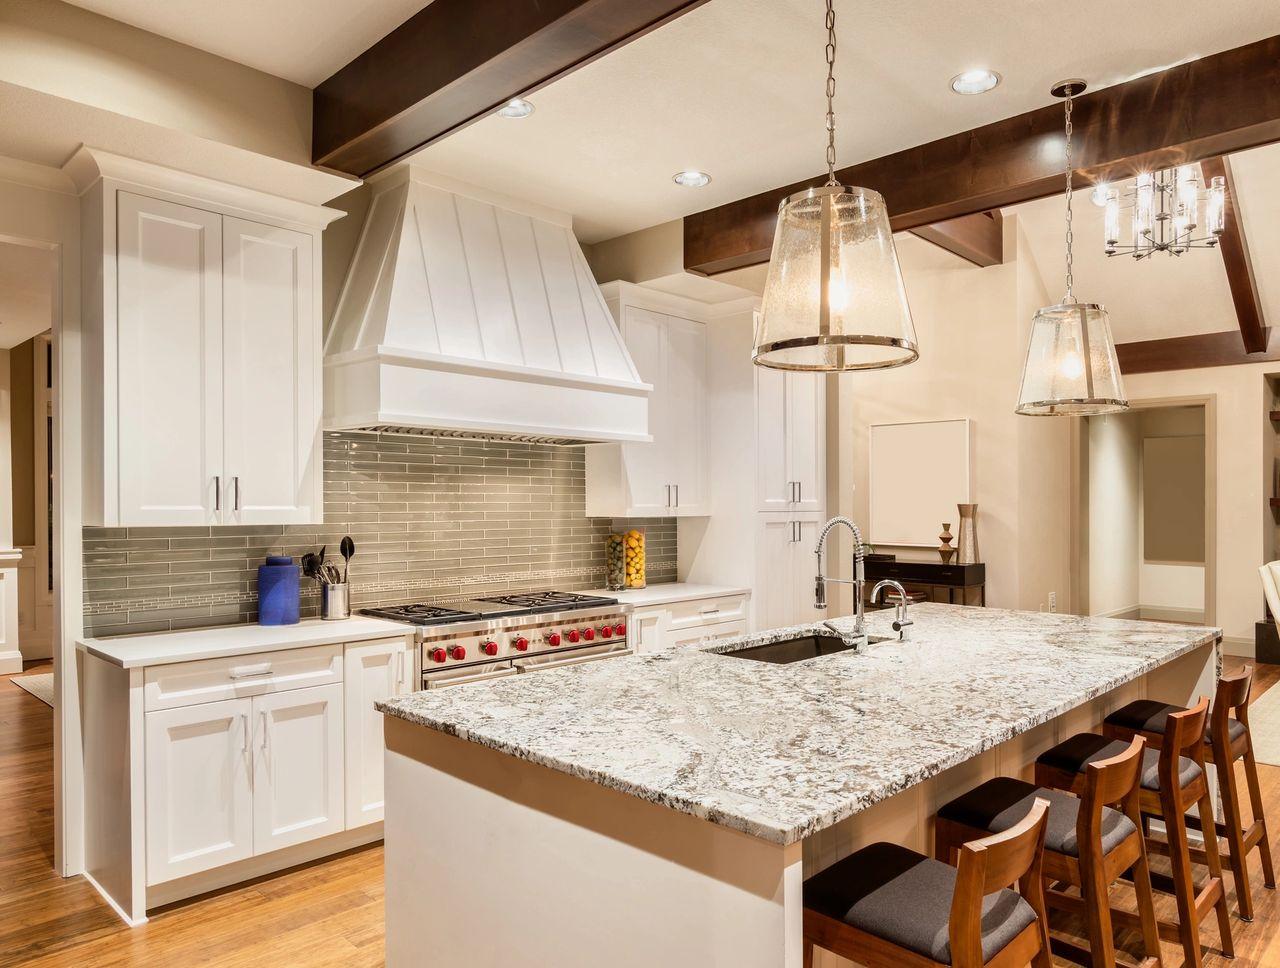 Kitchen Countertop Trends 2020.Trends For 2019 2020 Kitchen Countertops Quartz Countertops